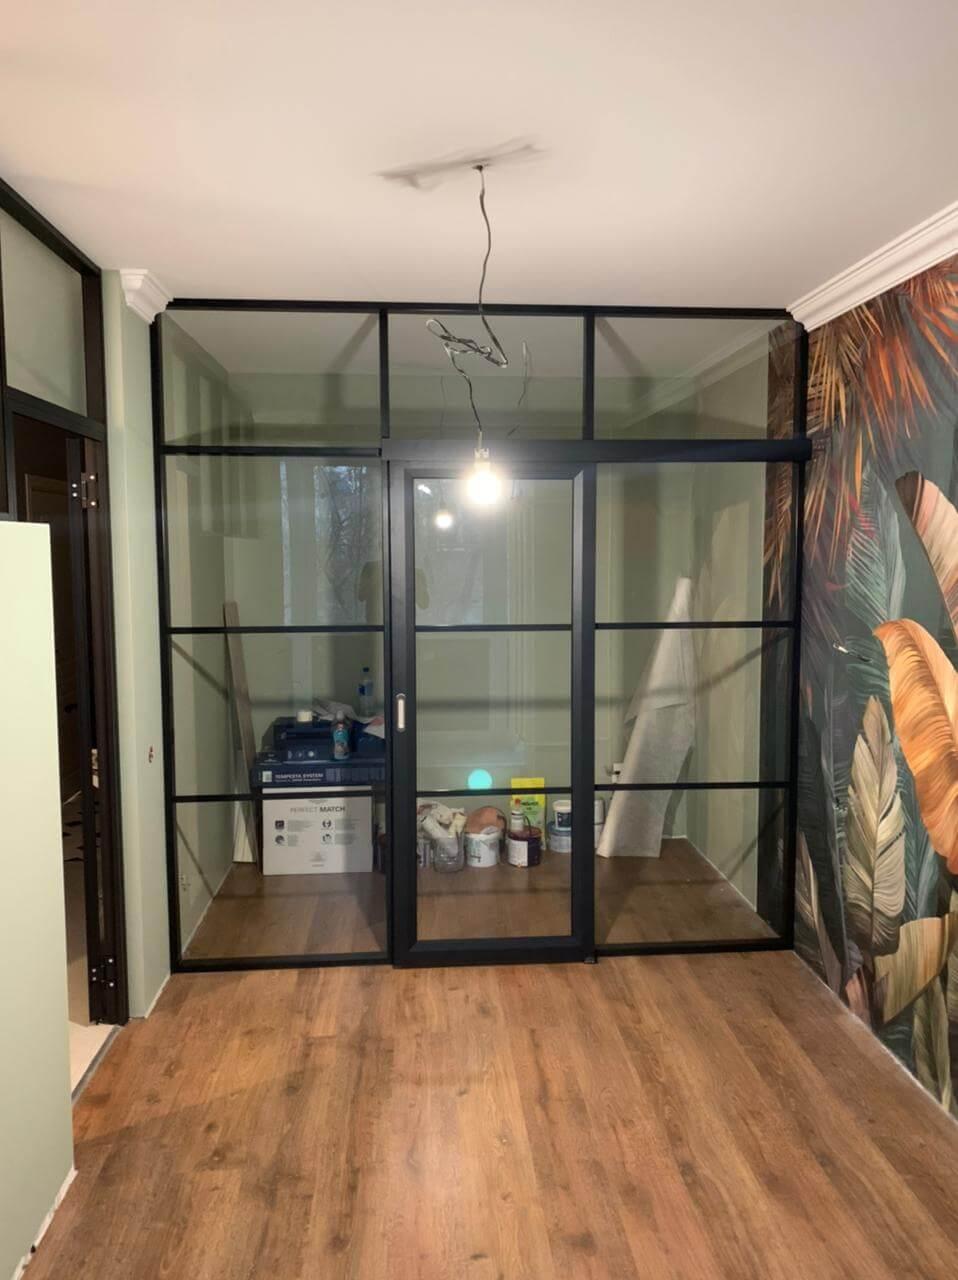 Межкомнатная перегородка со стеклом в квартире